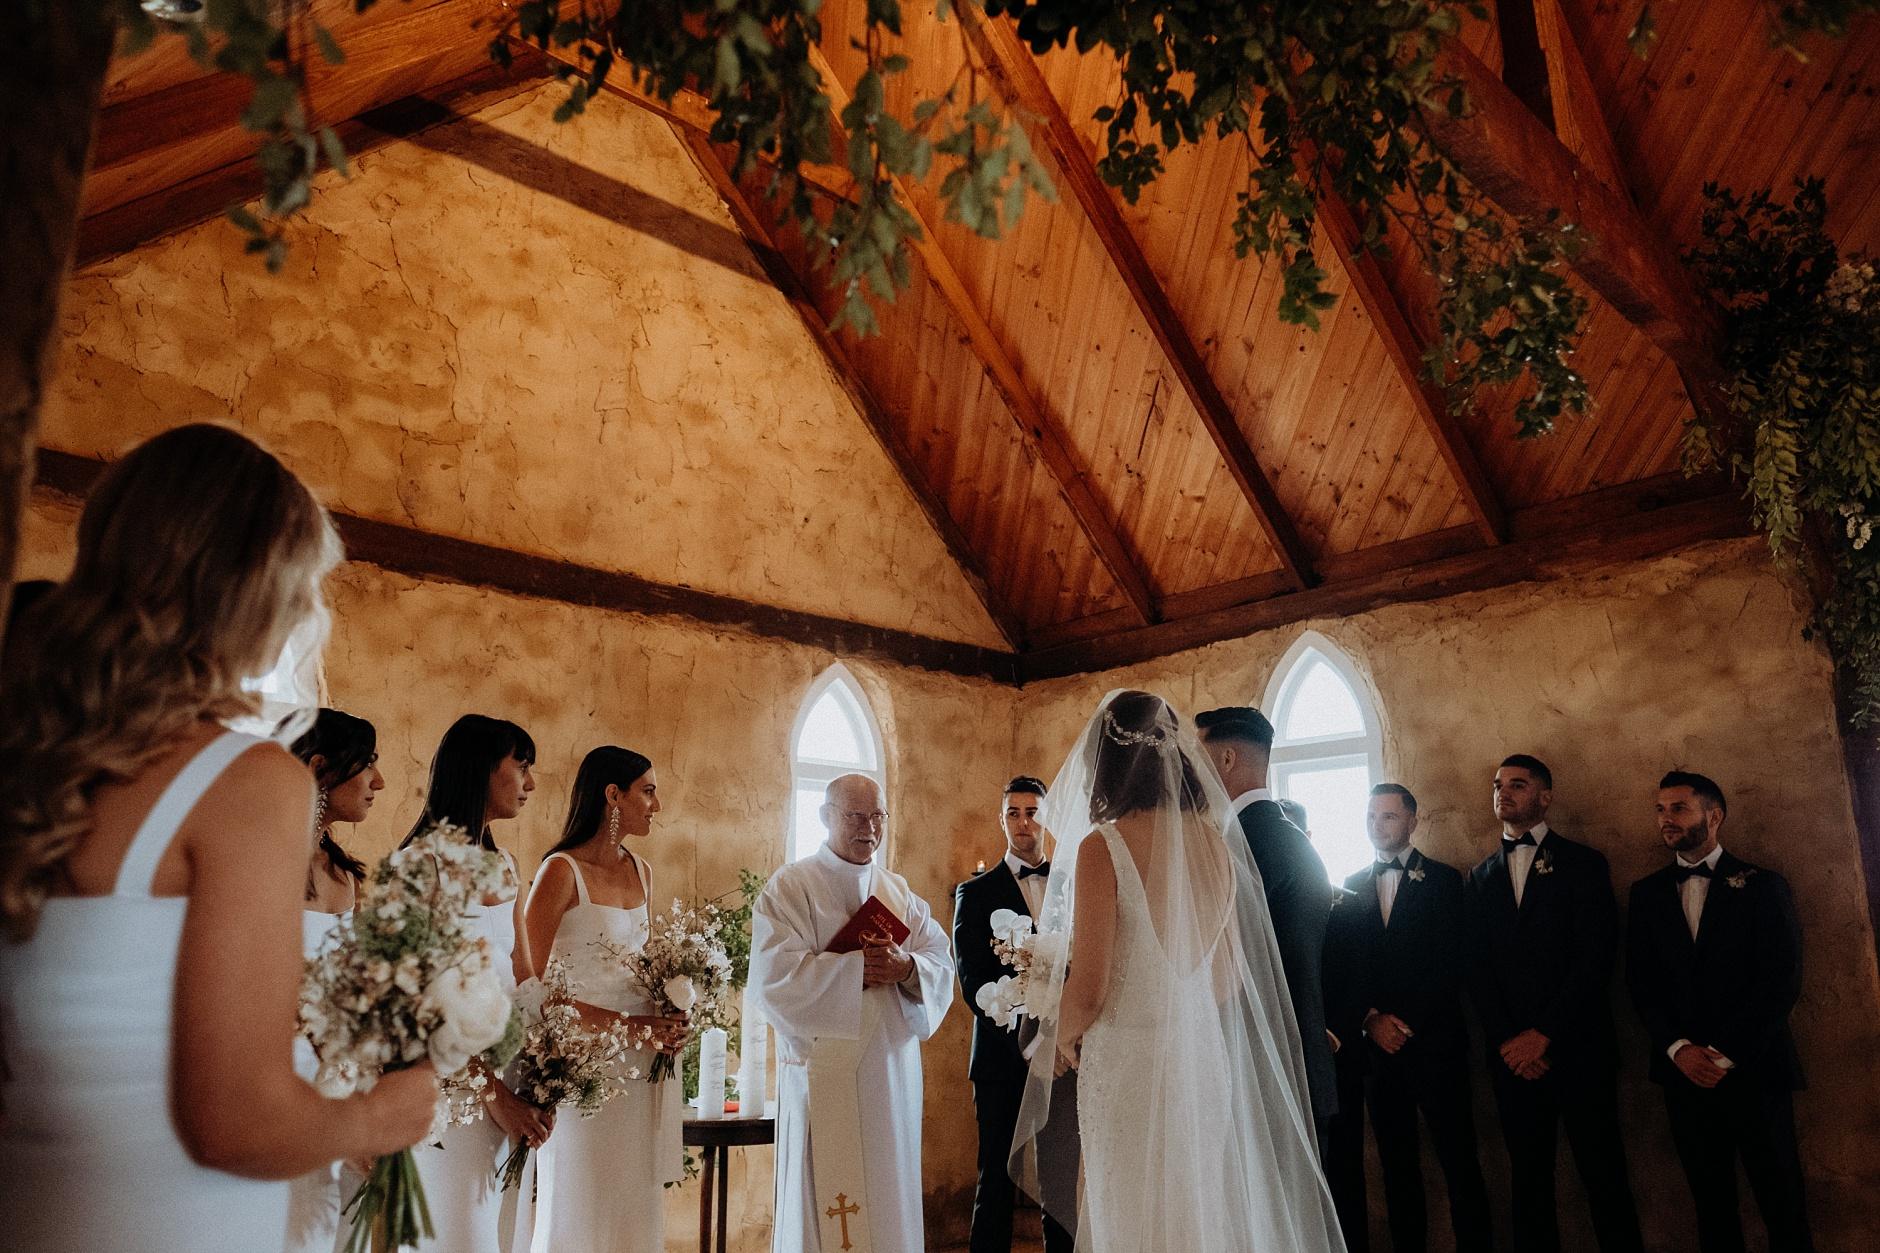 cassandra&cameron0390a_Peppers-Creek-Wedding.jpg